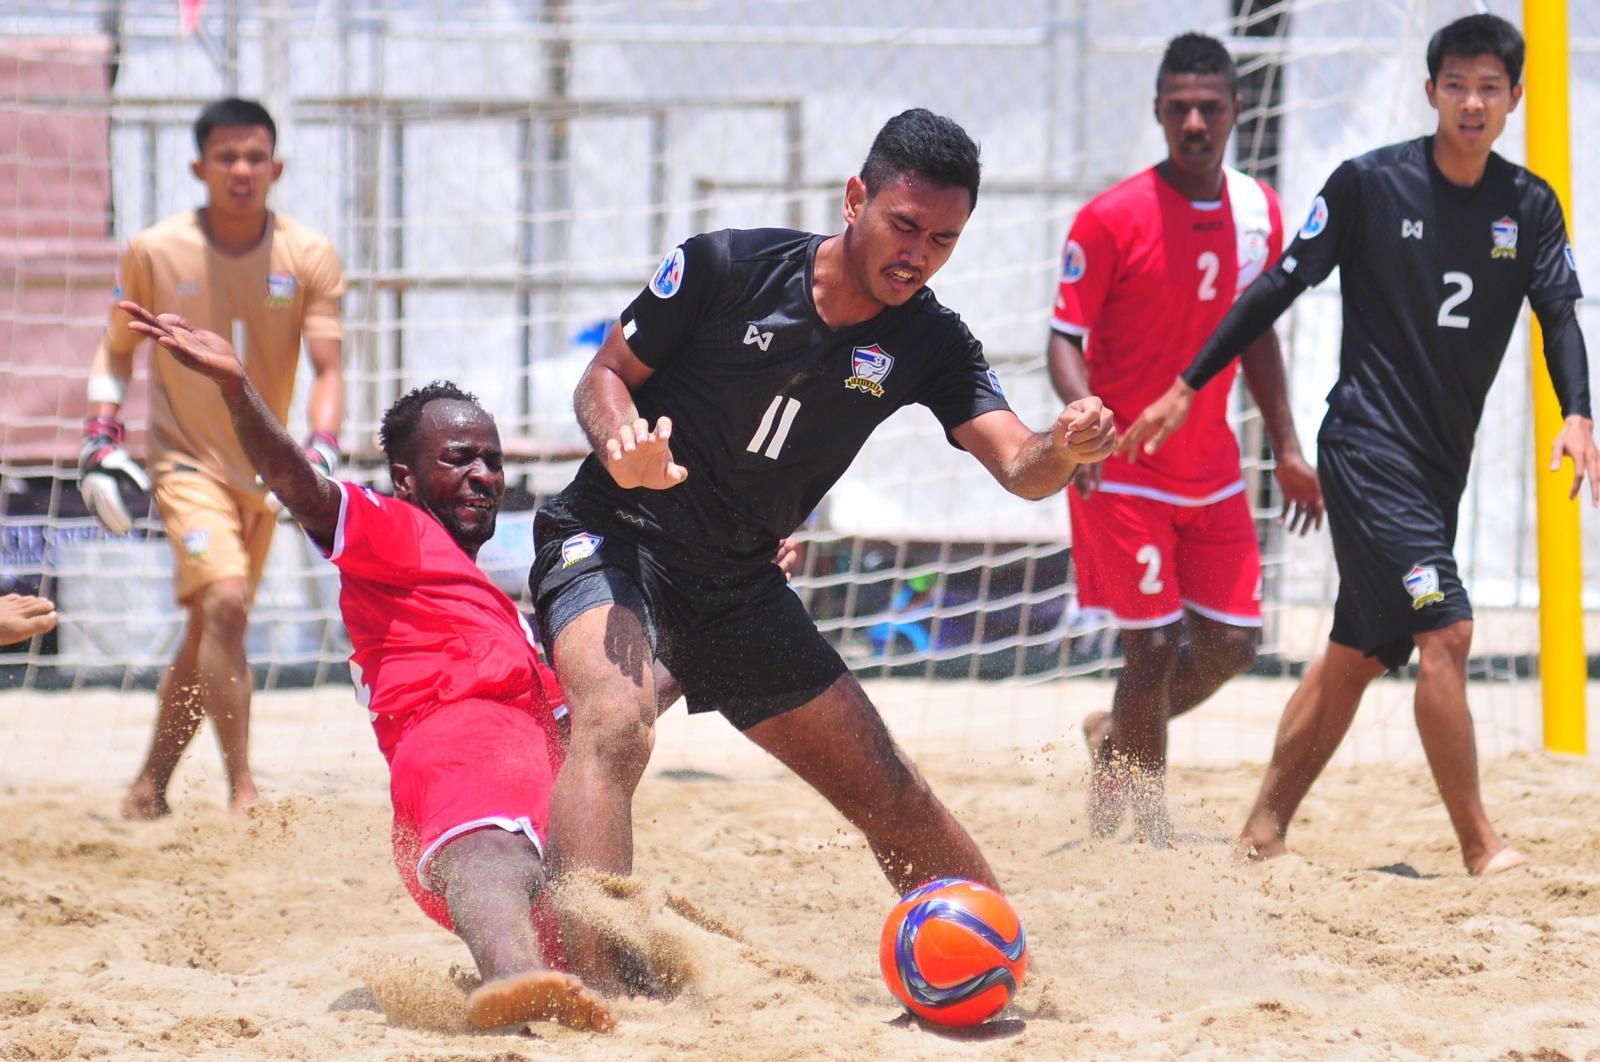 ฟุตบอลชายหาดไทย พ่าย โอมาน 2-3 ประเดิมศึกชิงแชมป์เอเชีย